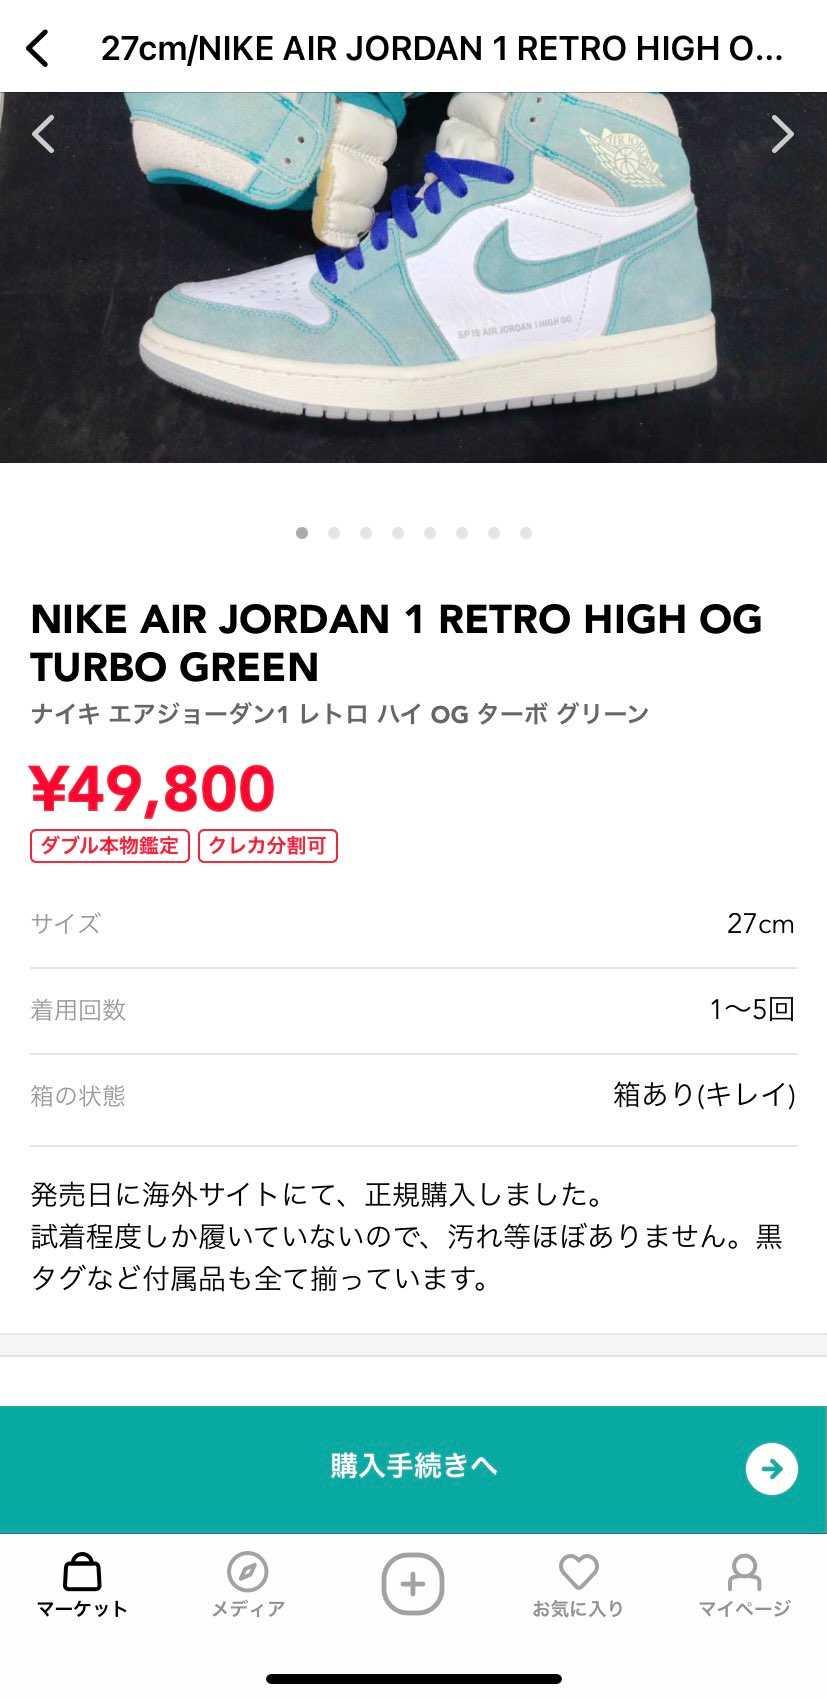 ターボずっと欲しくて、履けるサイズで安いのあるやんと思って見たら、海外サイト購入